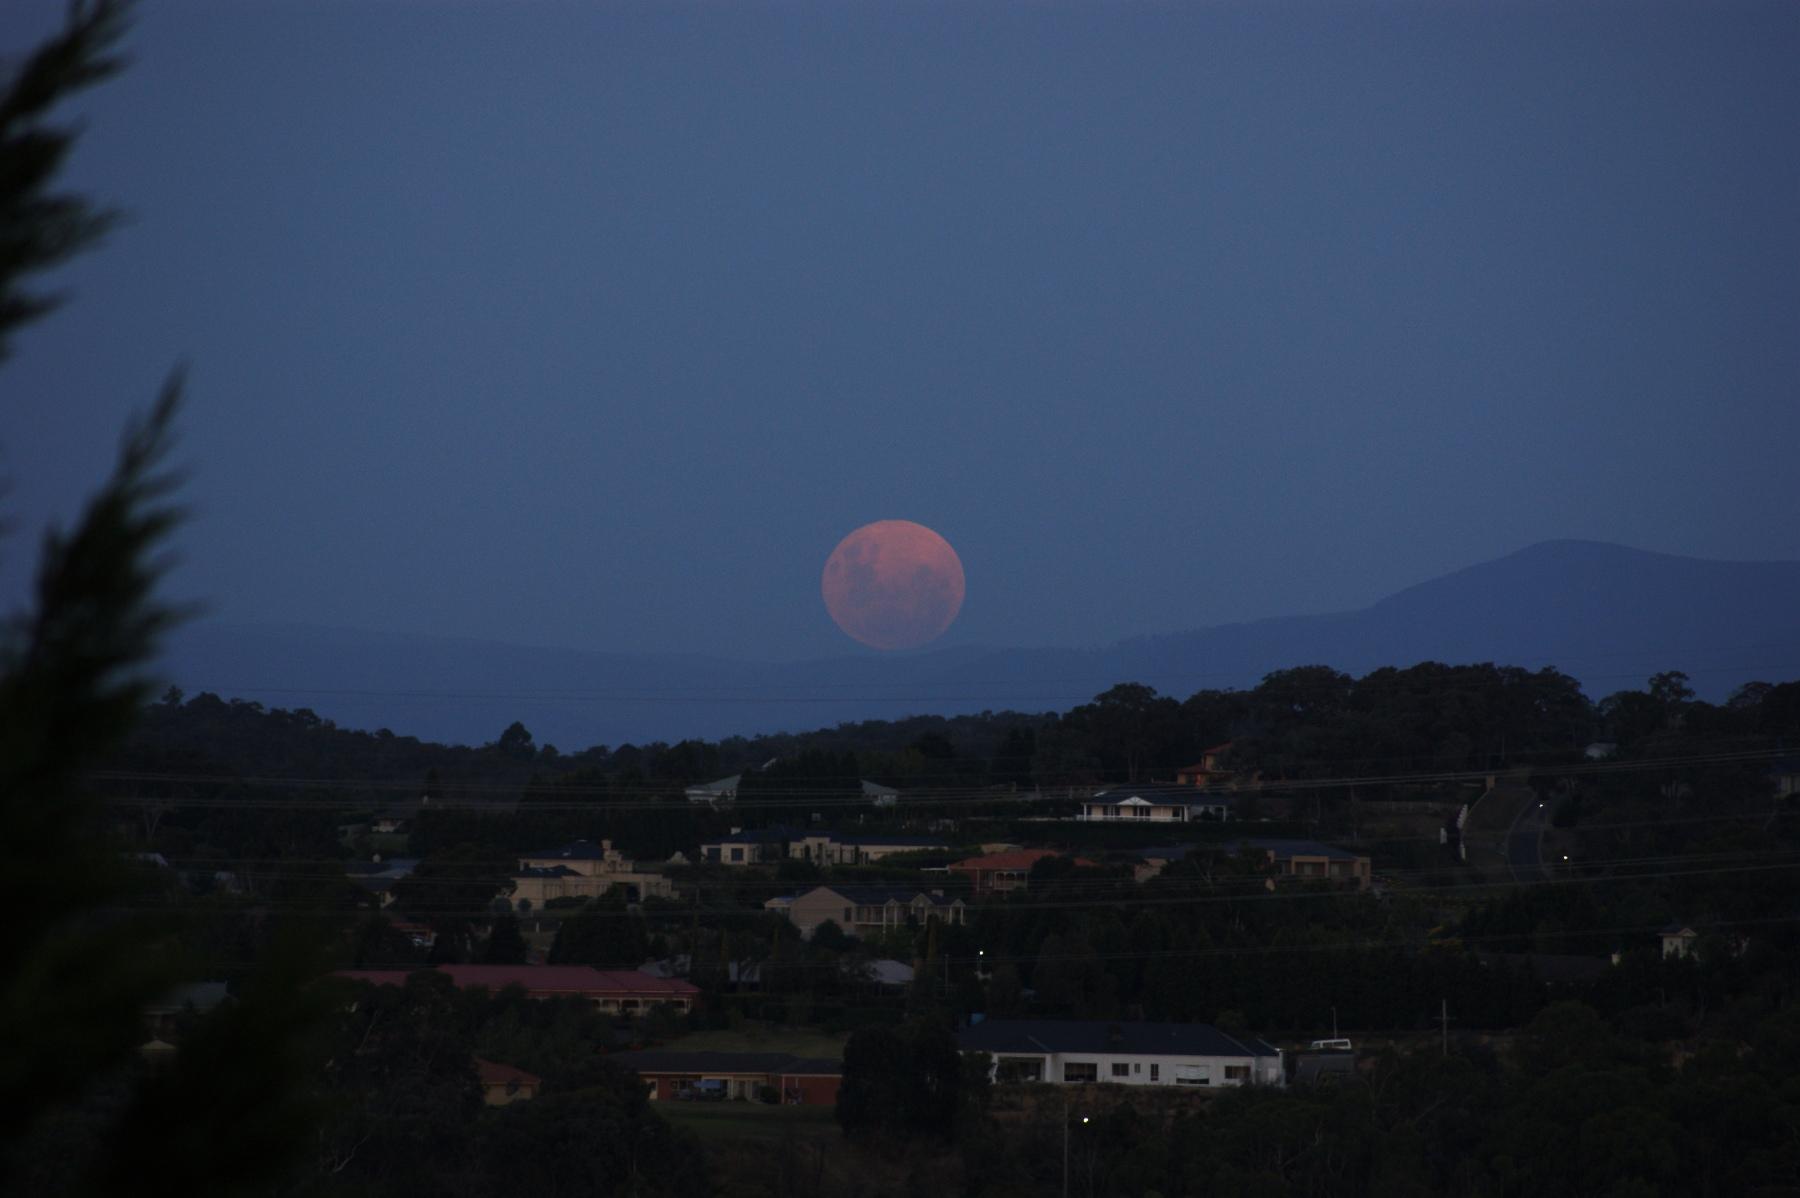 http://www.images.scottphotographics.com/Blue-Moon-Melbourne-Victoria-Australia/Blue-Moon-Melbourne-Victoria-Australia01.jpg